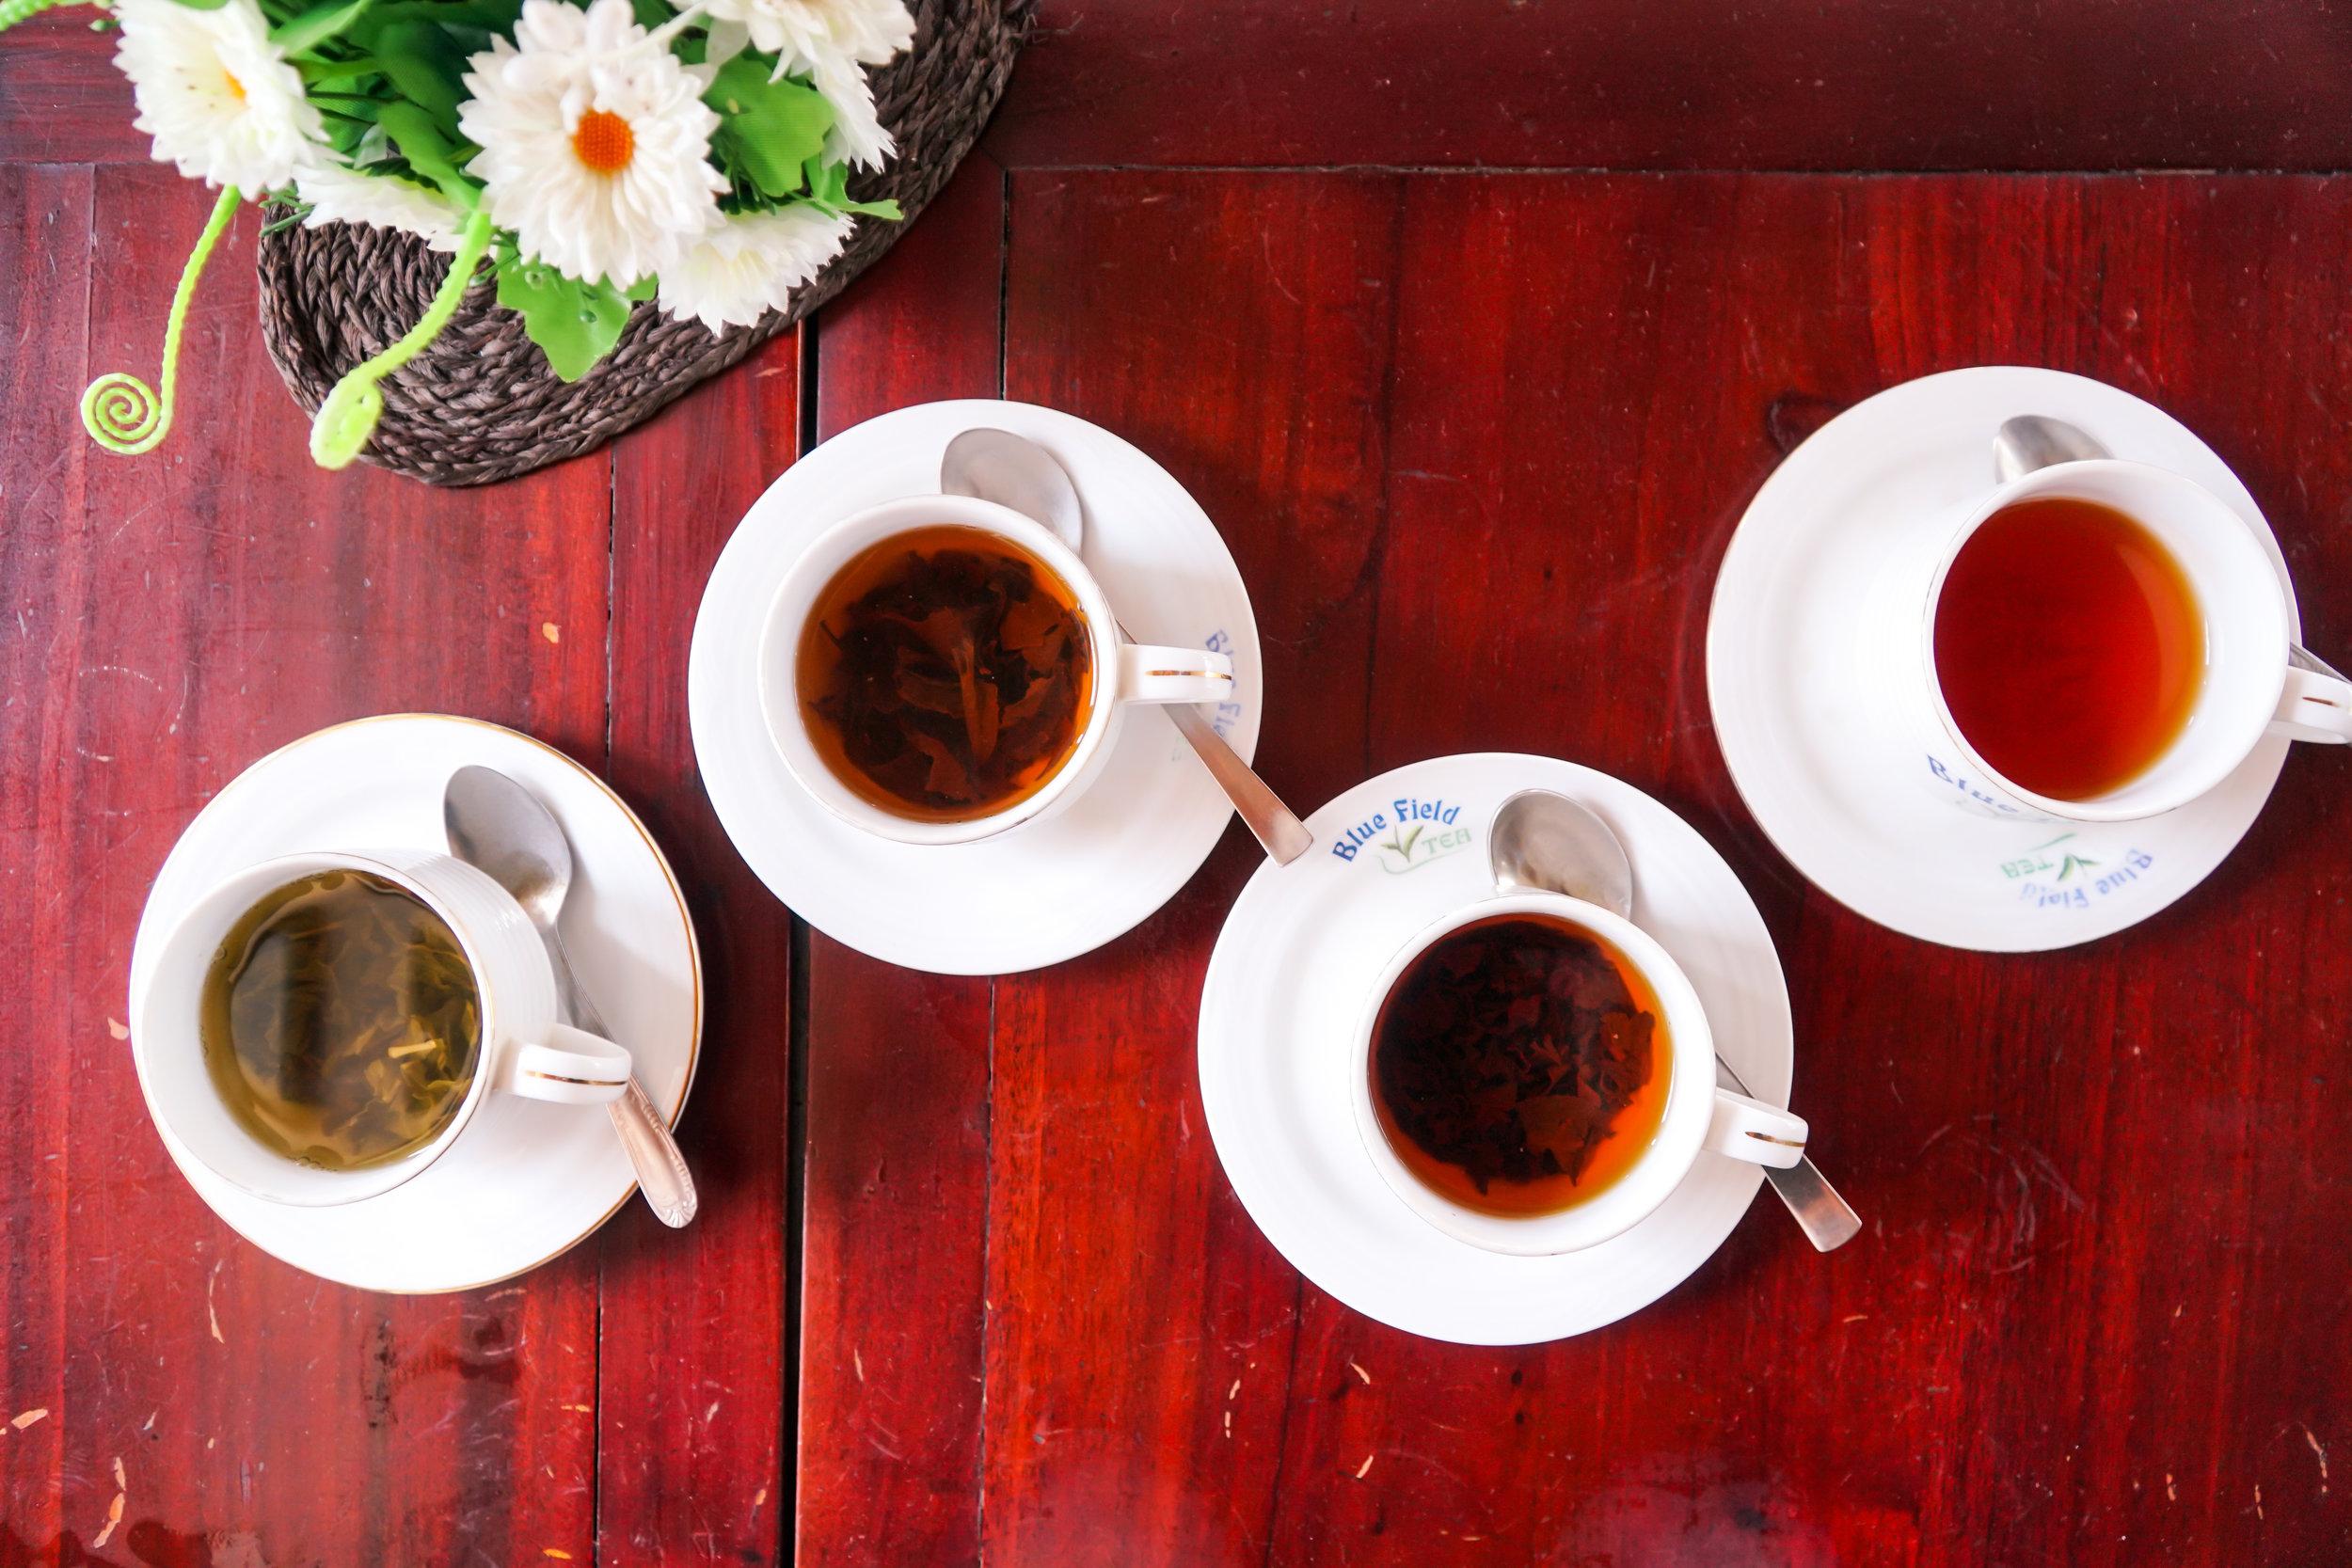 Teemaistelussa. Vasemmalta lähtee Green Tea, OP, Pekoe ja oikeassa reunassa BOP.